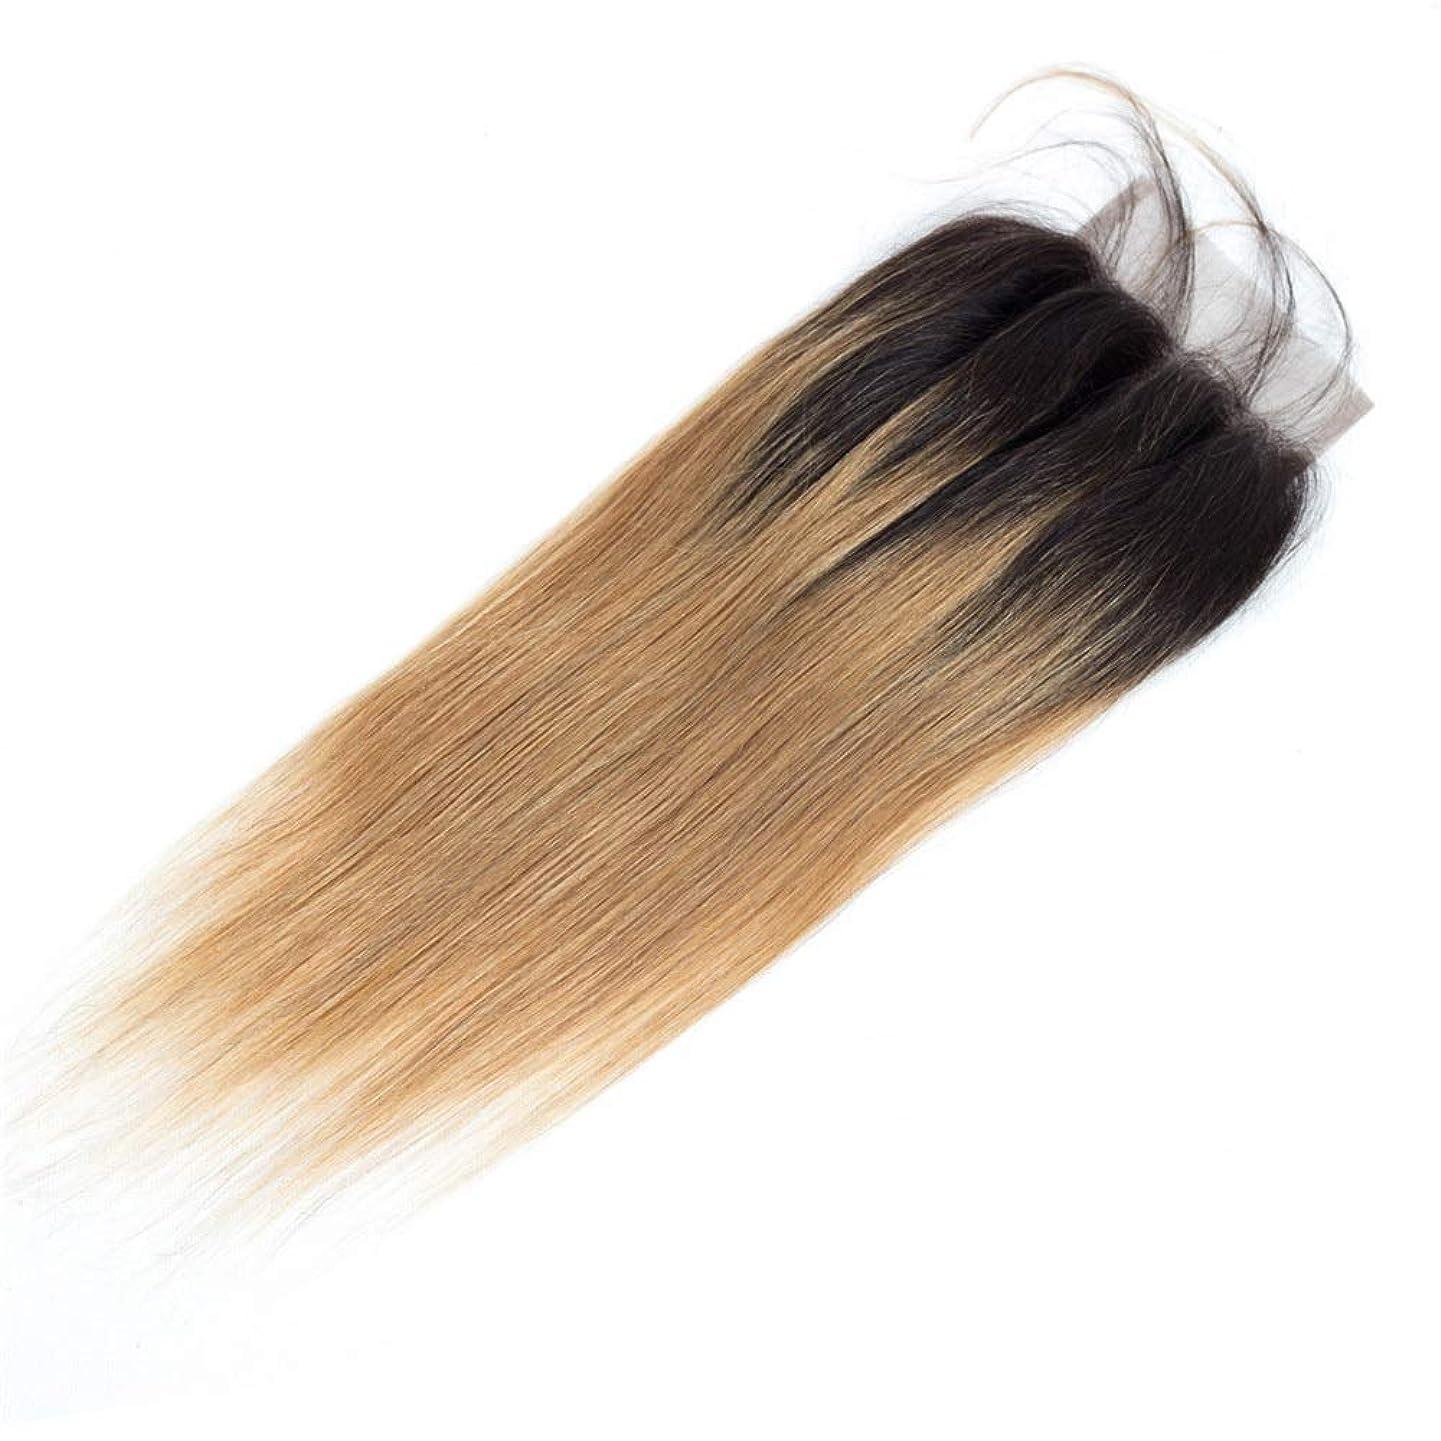 バン葉っぱブランクBOBIDYEE 実体波ブラジルの人間の髪の毛のレース前頭閉鎖カラー1B / 27黒から耳に茶色の耳4 x 4インチトップクロージャーロングストレートウィッグ茶色のかつら (色 : ブラウン, サイズ : 12 inch)